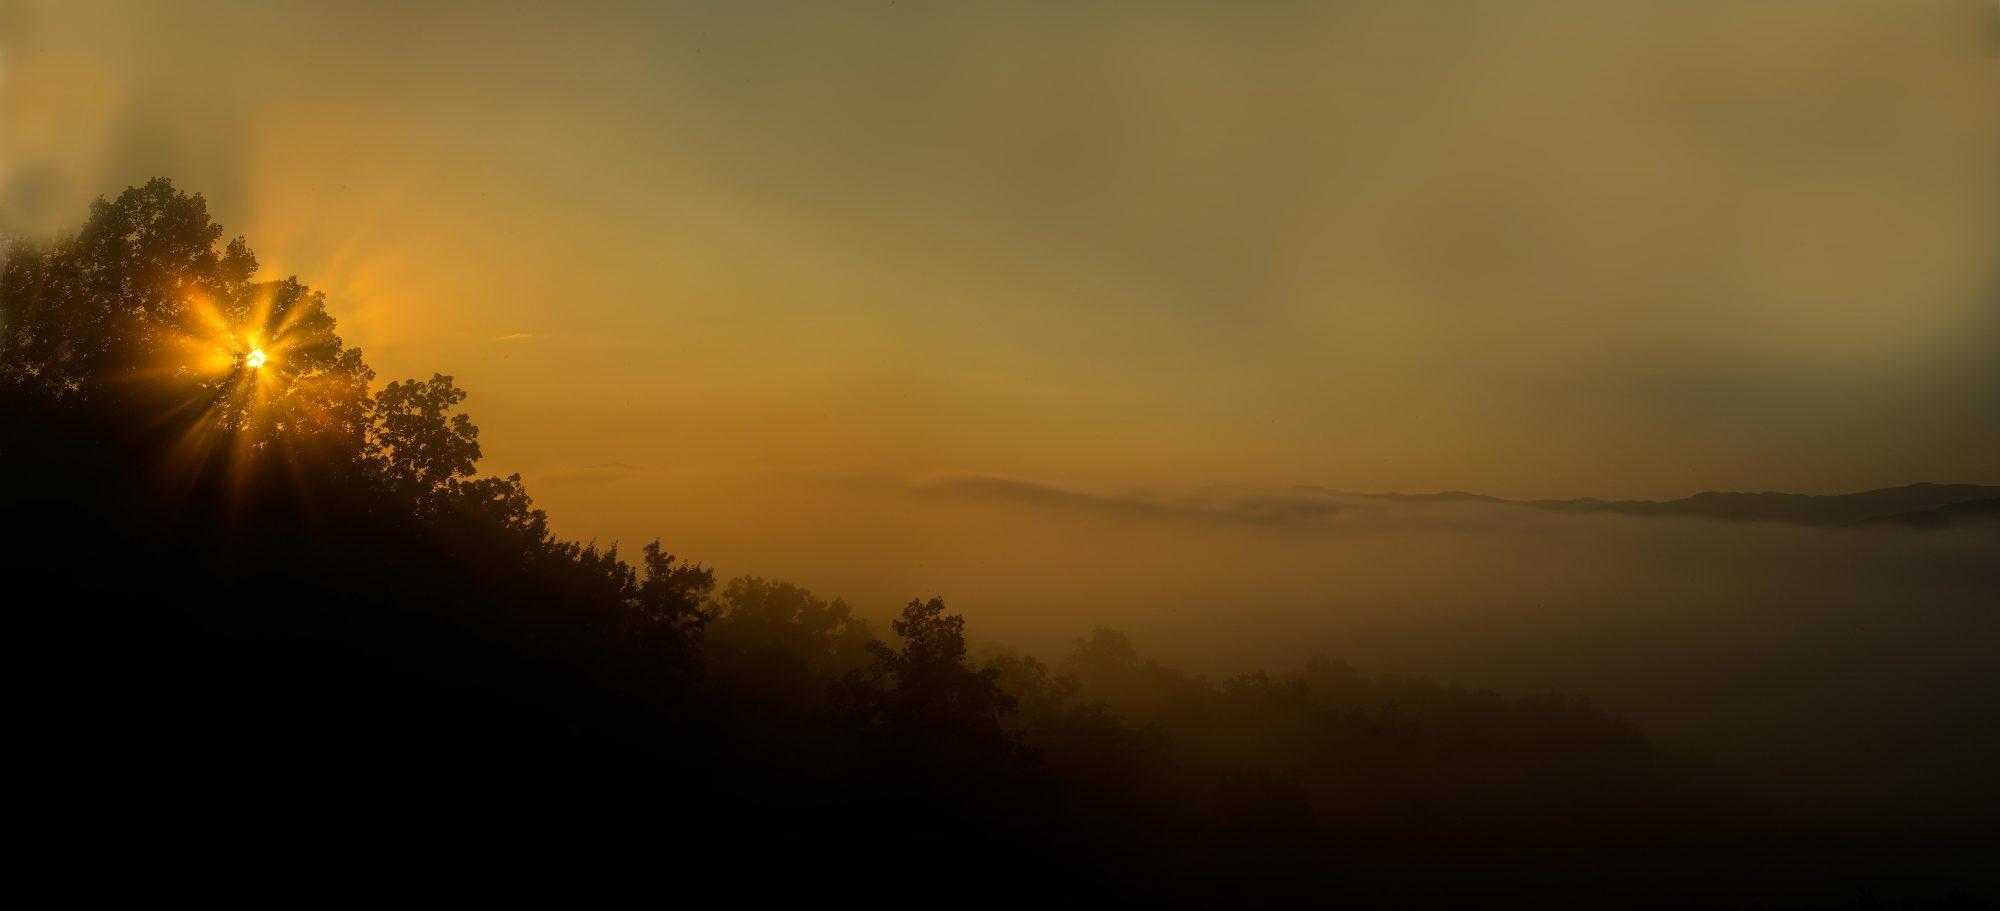 smikies-1-panorama1